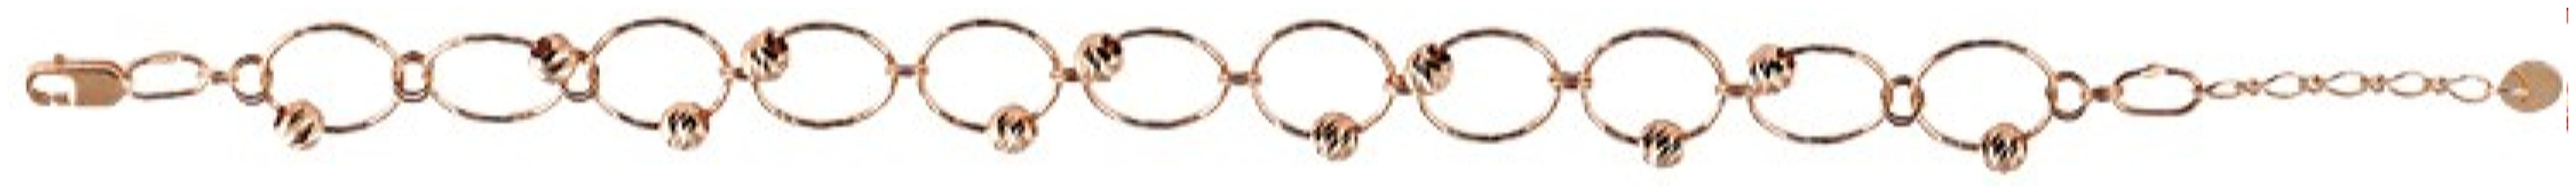 картинка браслет из золота 585° 7104974-А50-01